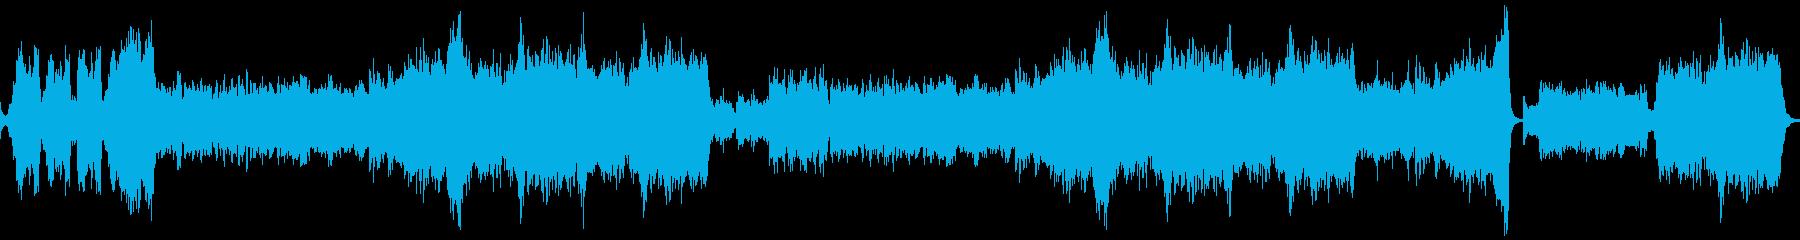 勇ましいオーケストラ(民族調風)の再生済みの波形